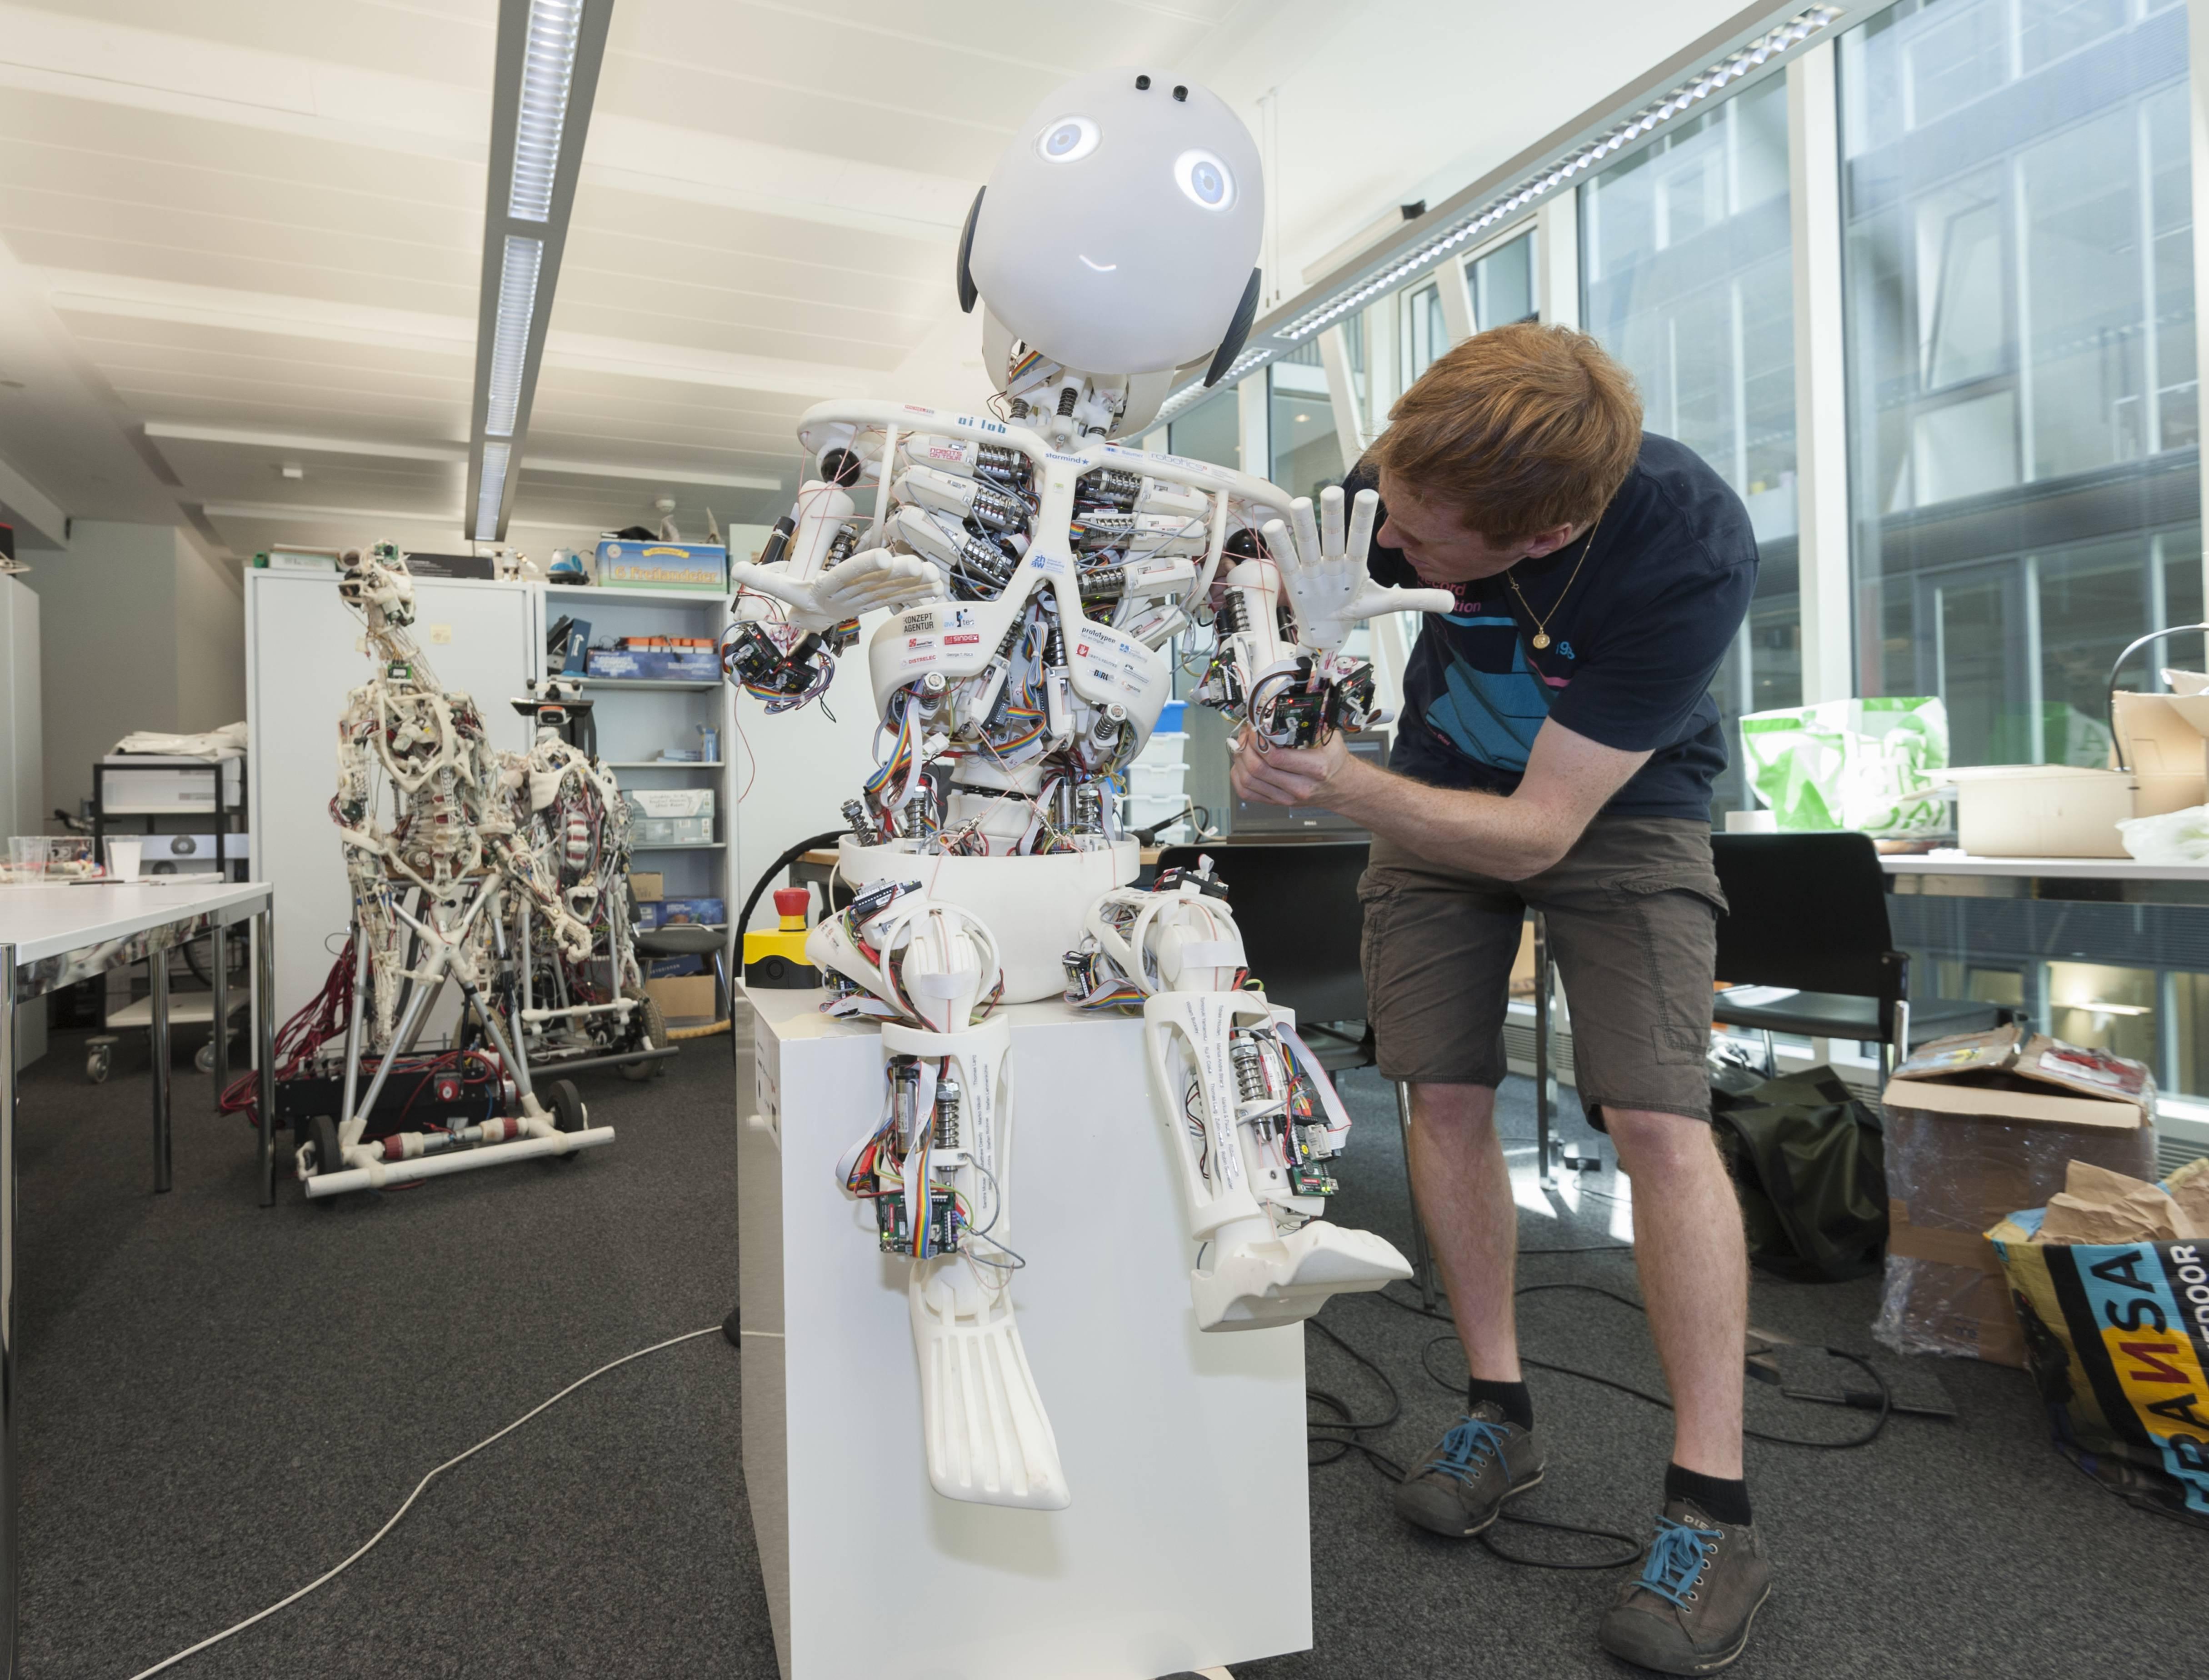 ROBOY humanoid robot